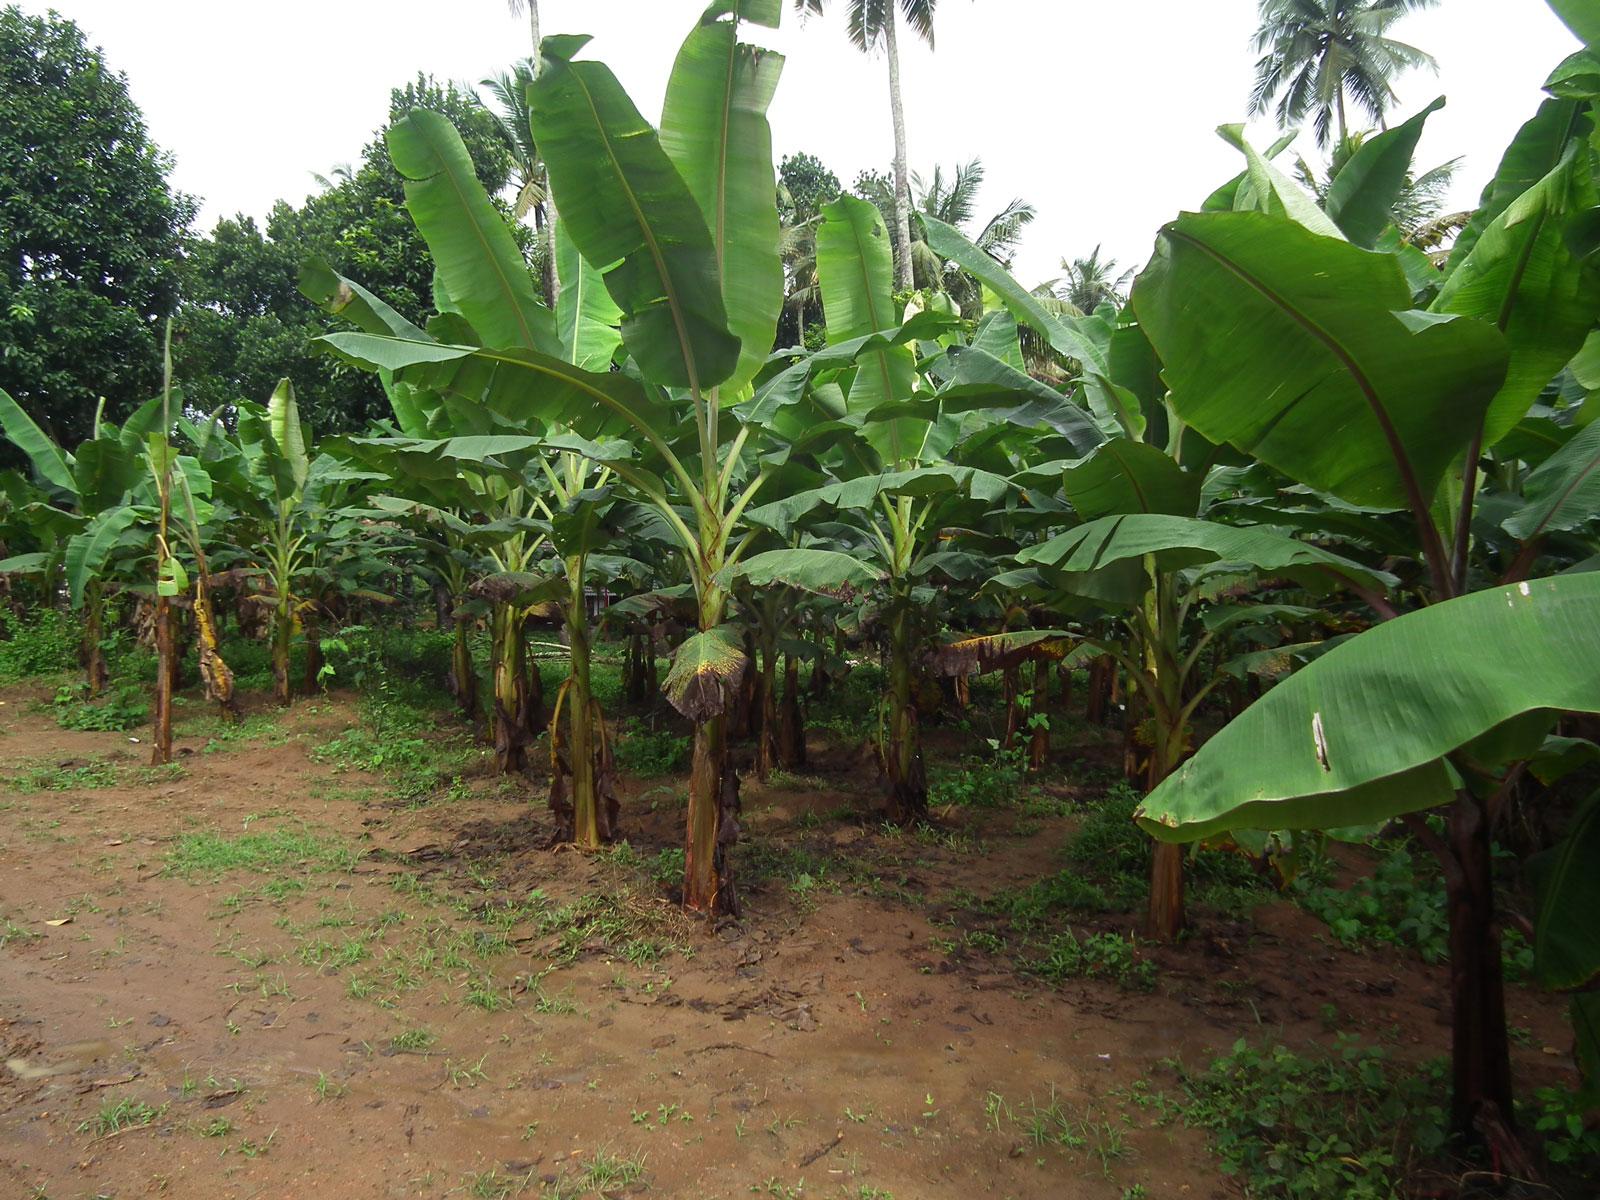 Banana tree from Kerala